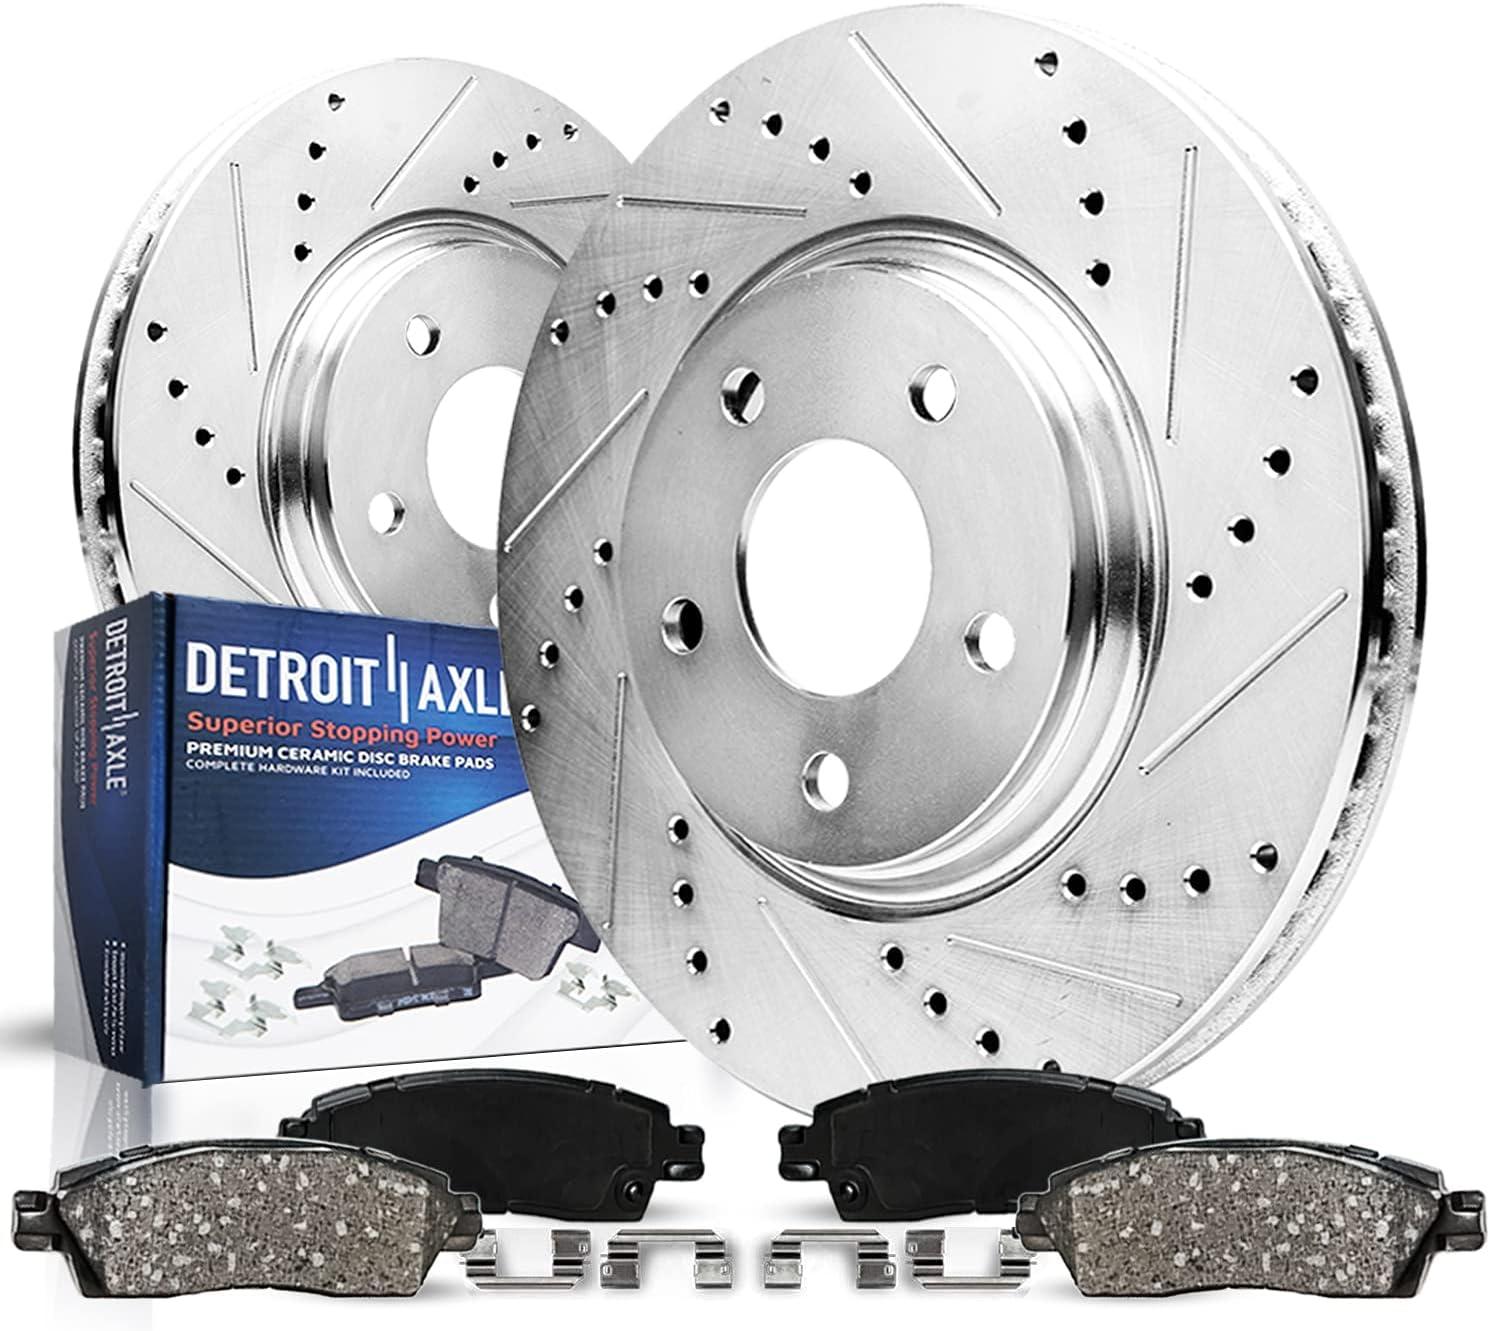 Detroit Axle - 296mm Front Drilled Ceramic 高品質 セール特価 Rep Pads Brake Rotors